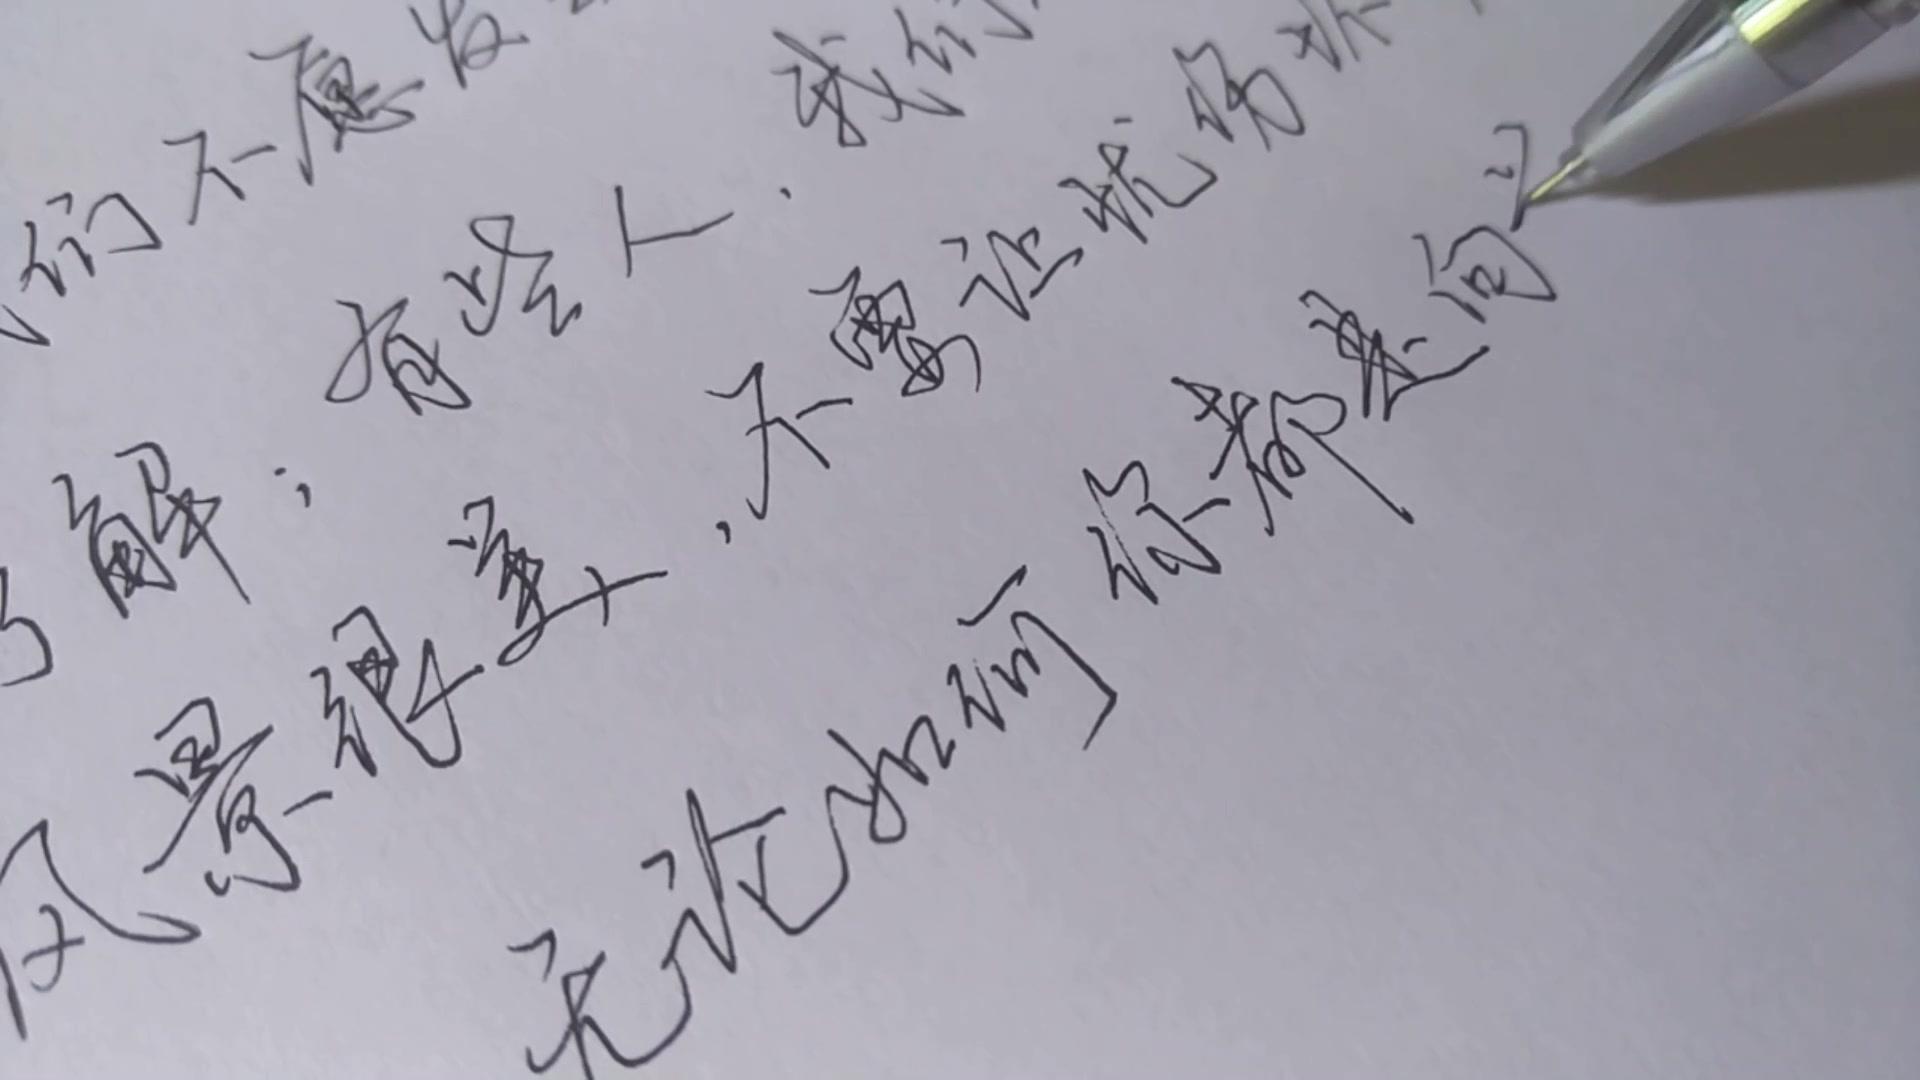 第一次使用0.28的中笔突然感觉不会写字了手写鸡汤语录